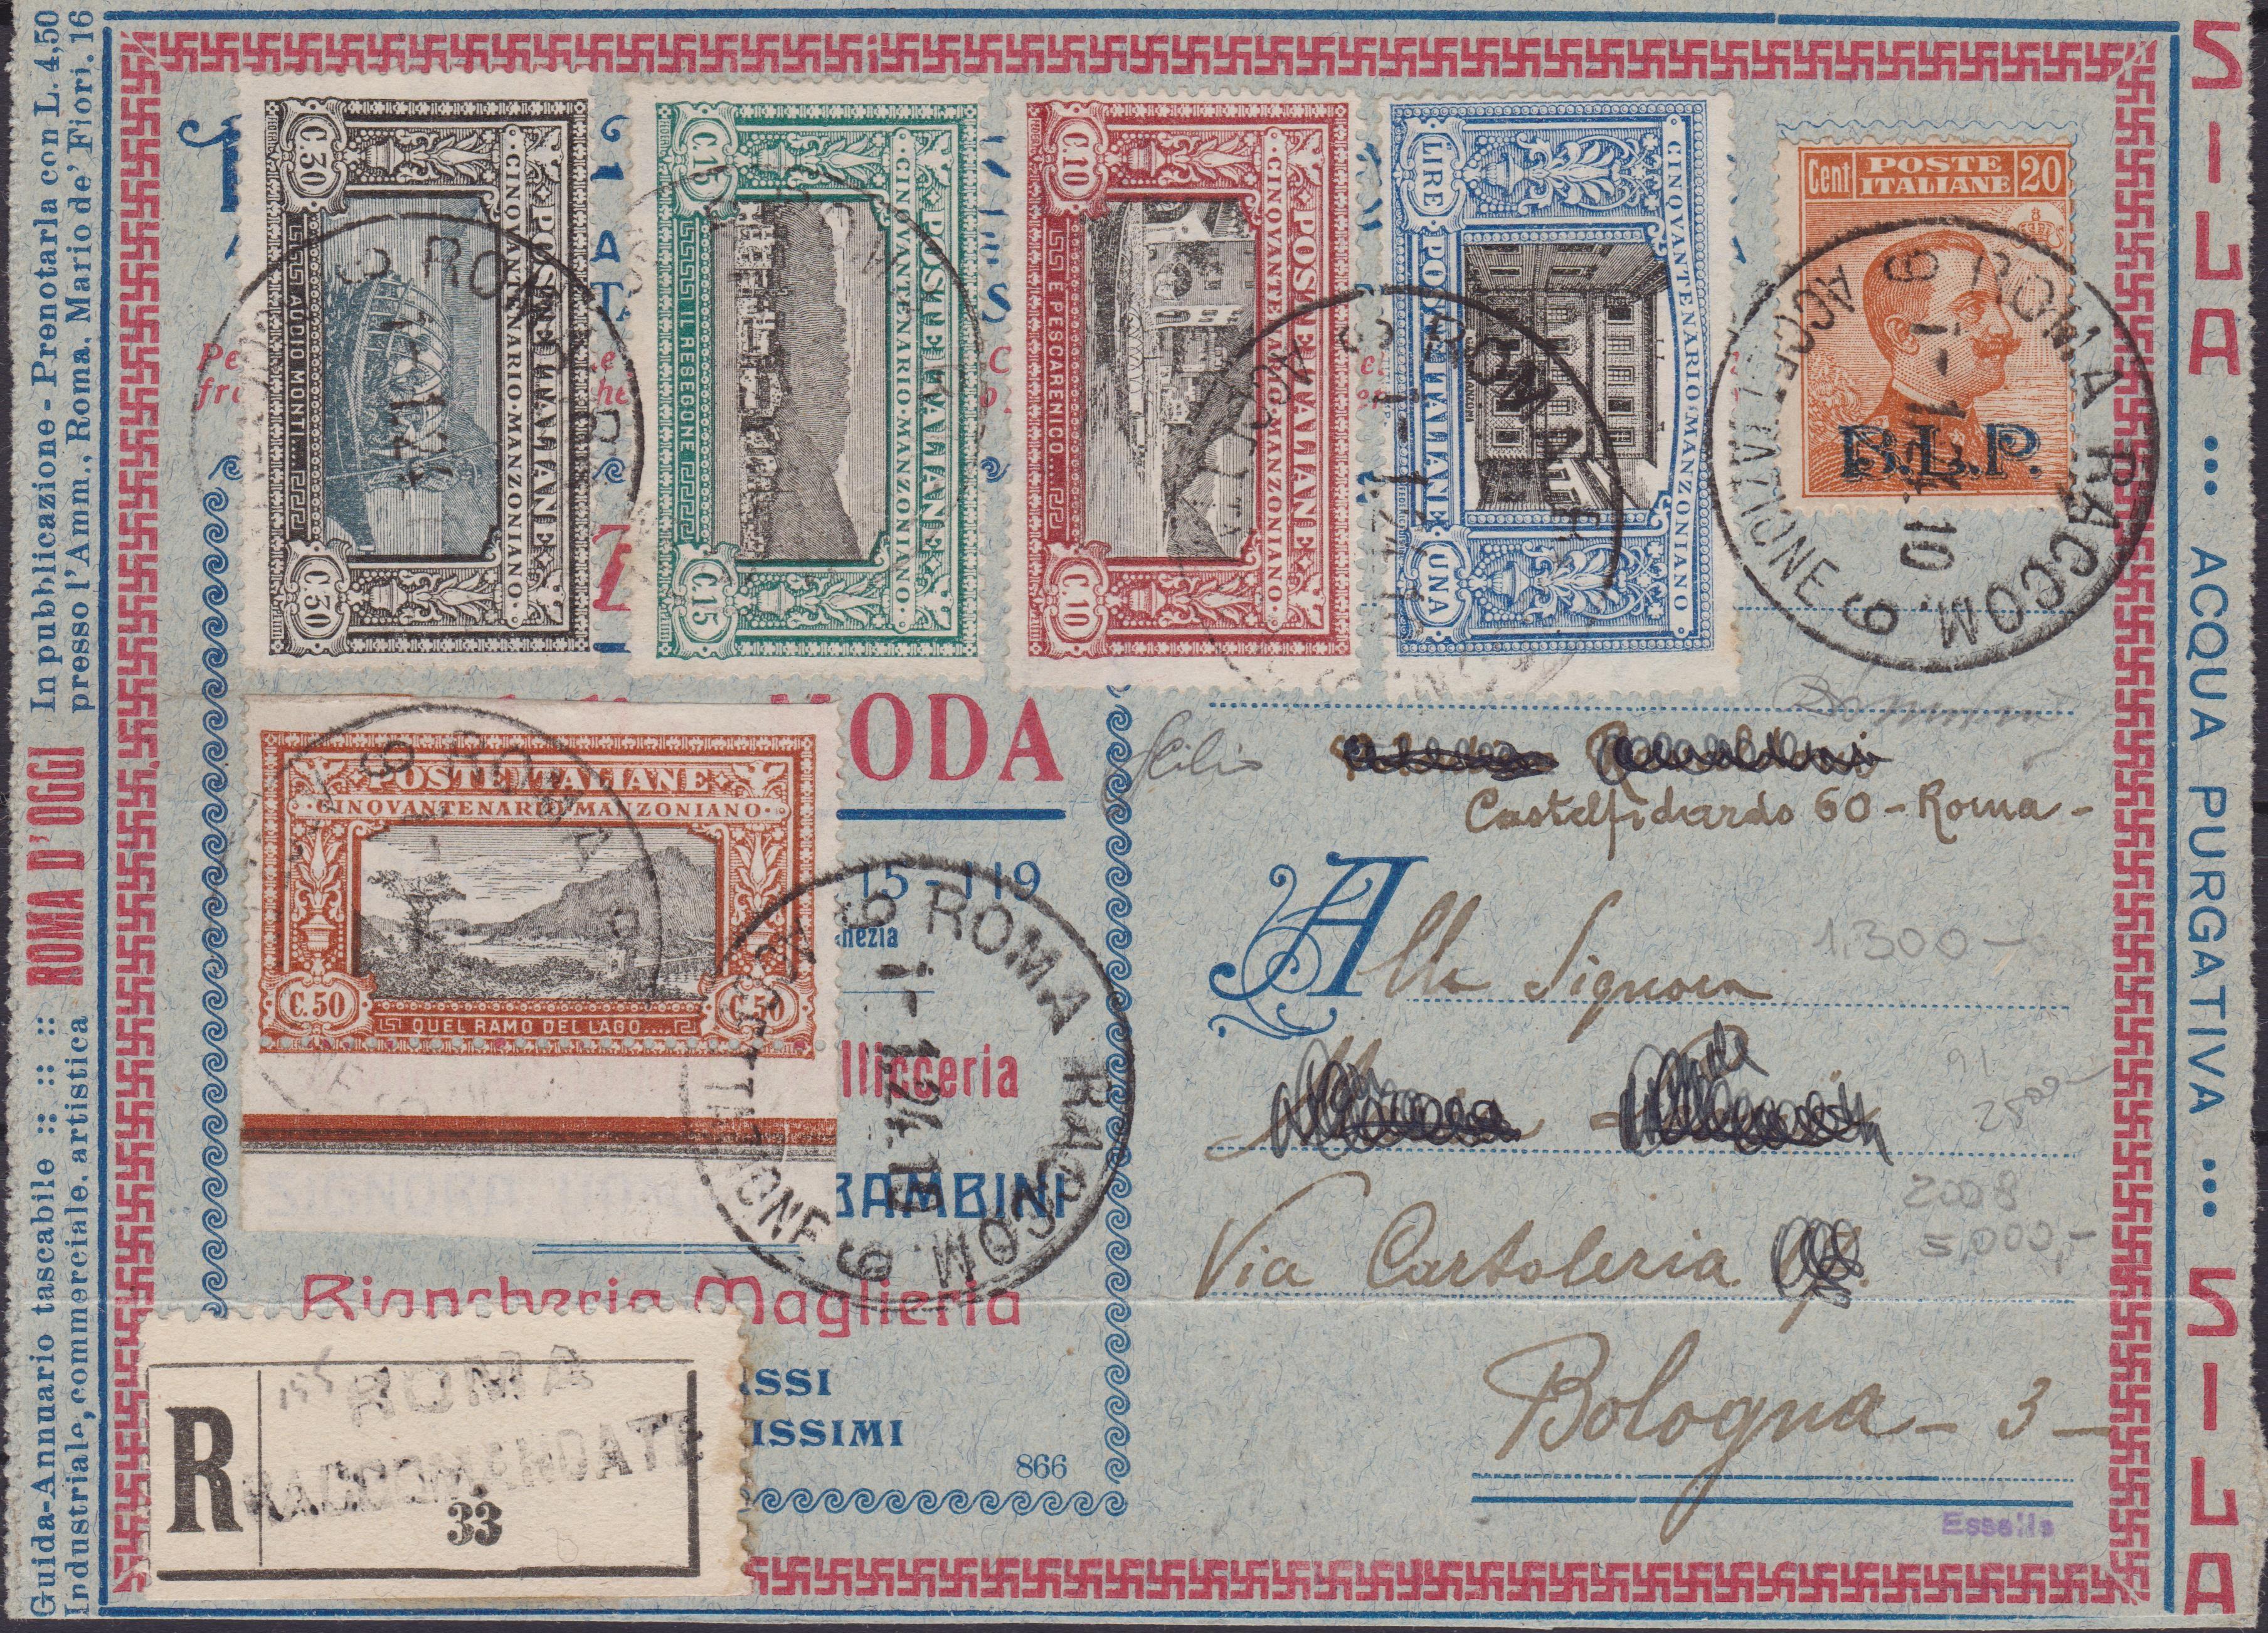 Regno storia postale 001